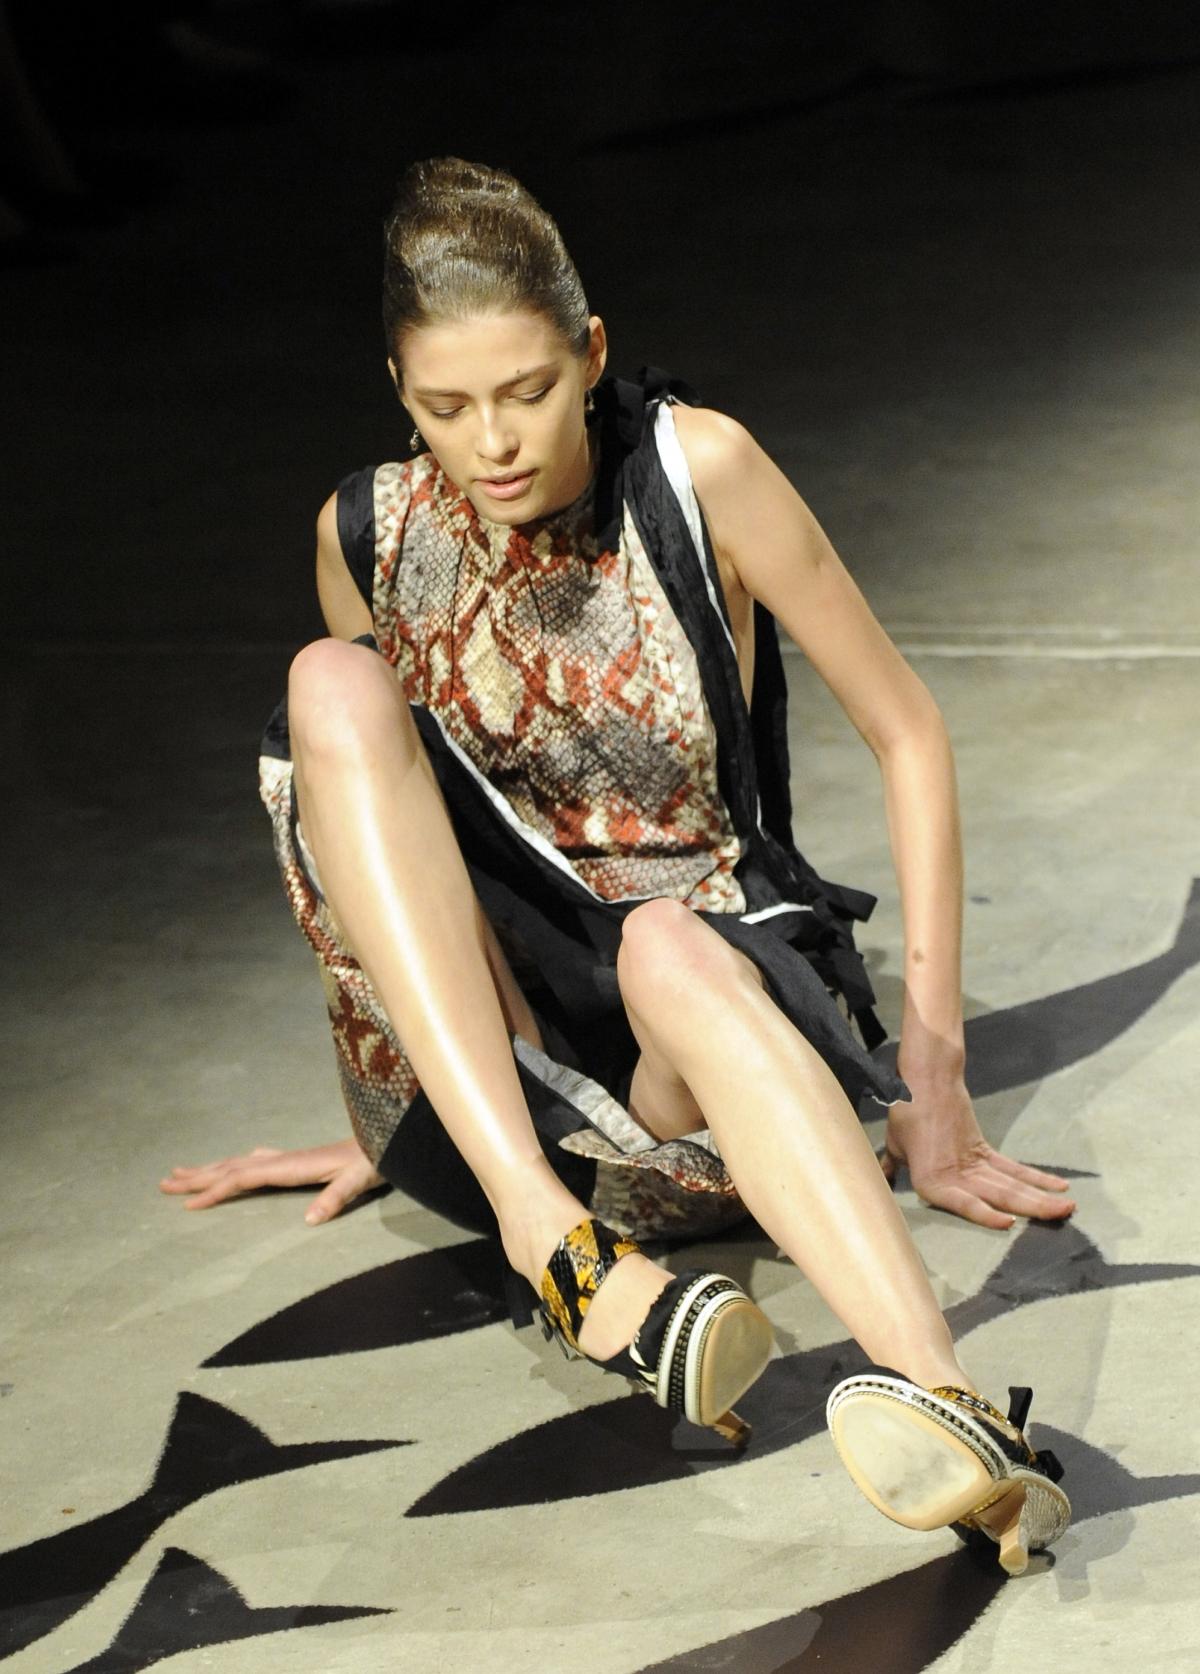 【朗報】ファッションショーのモデルまんさん、ステージで転倒しとんでも部分を御開帳wwwwwwwwwwwwwwwww(画像あり)・12枚目